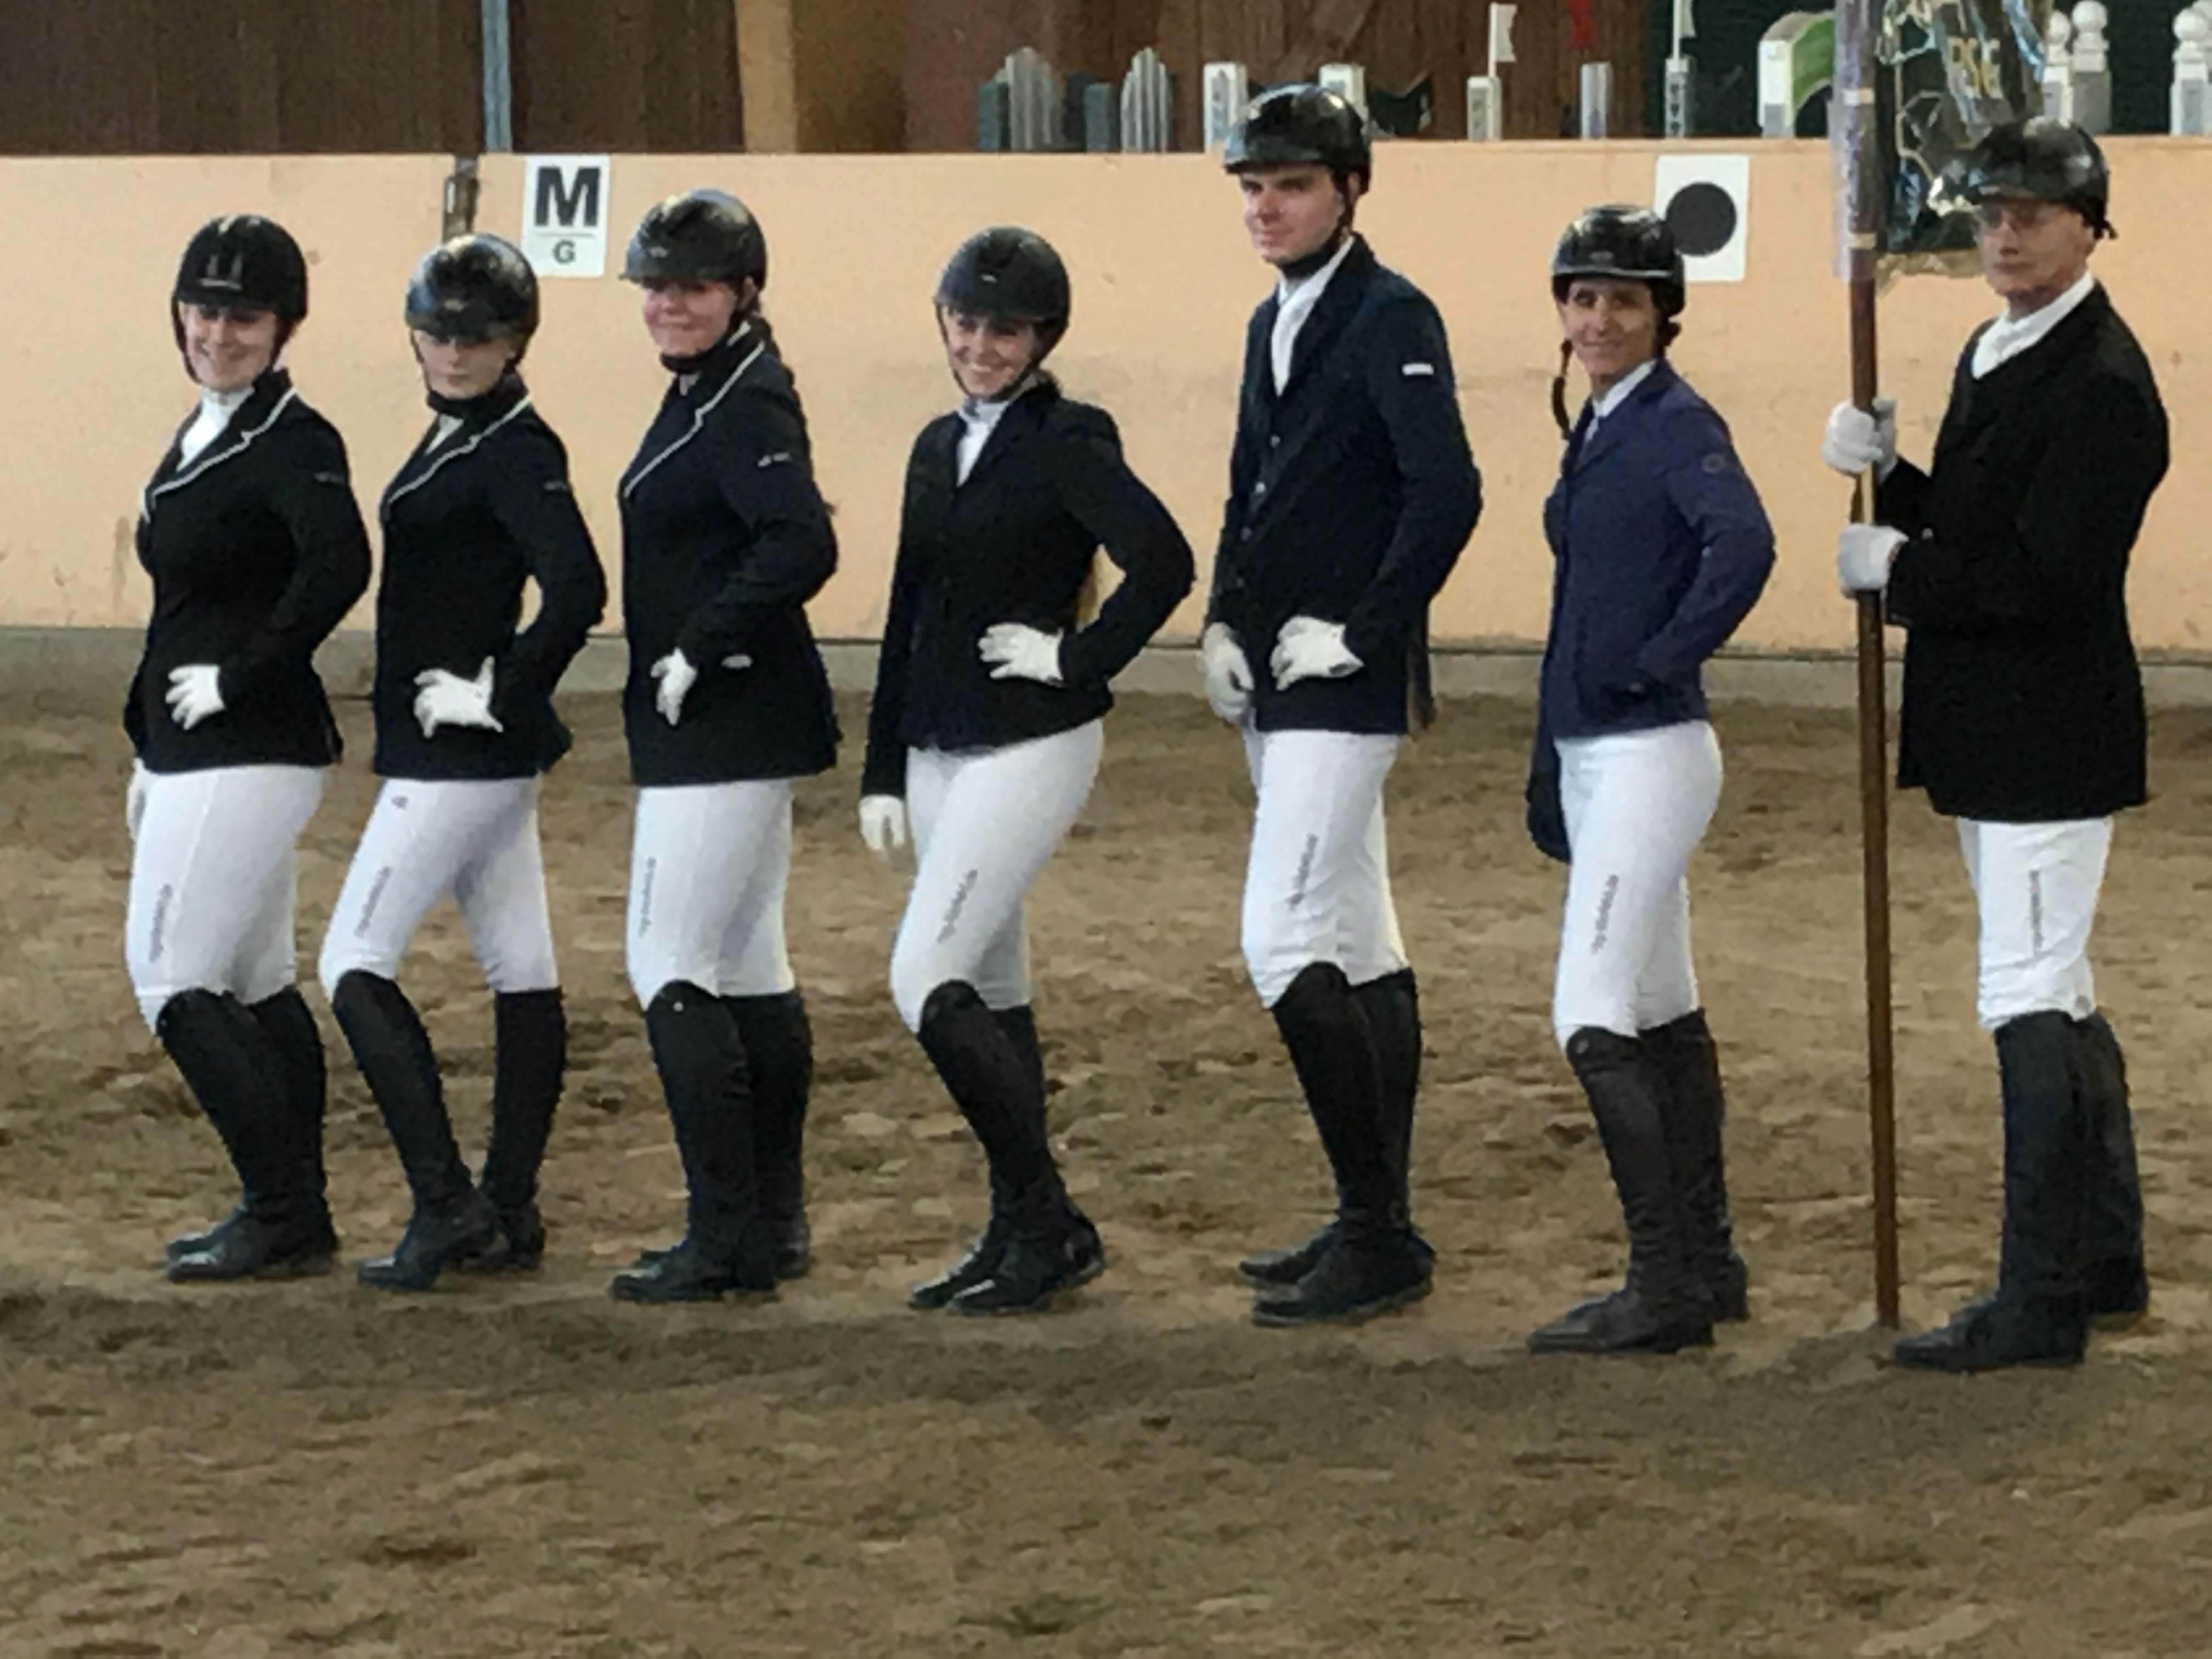 Unserer Reiter posen während der Siegerehrung für's Foto